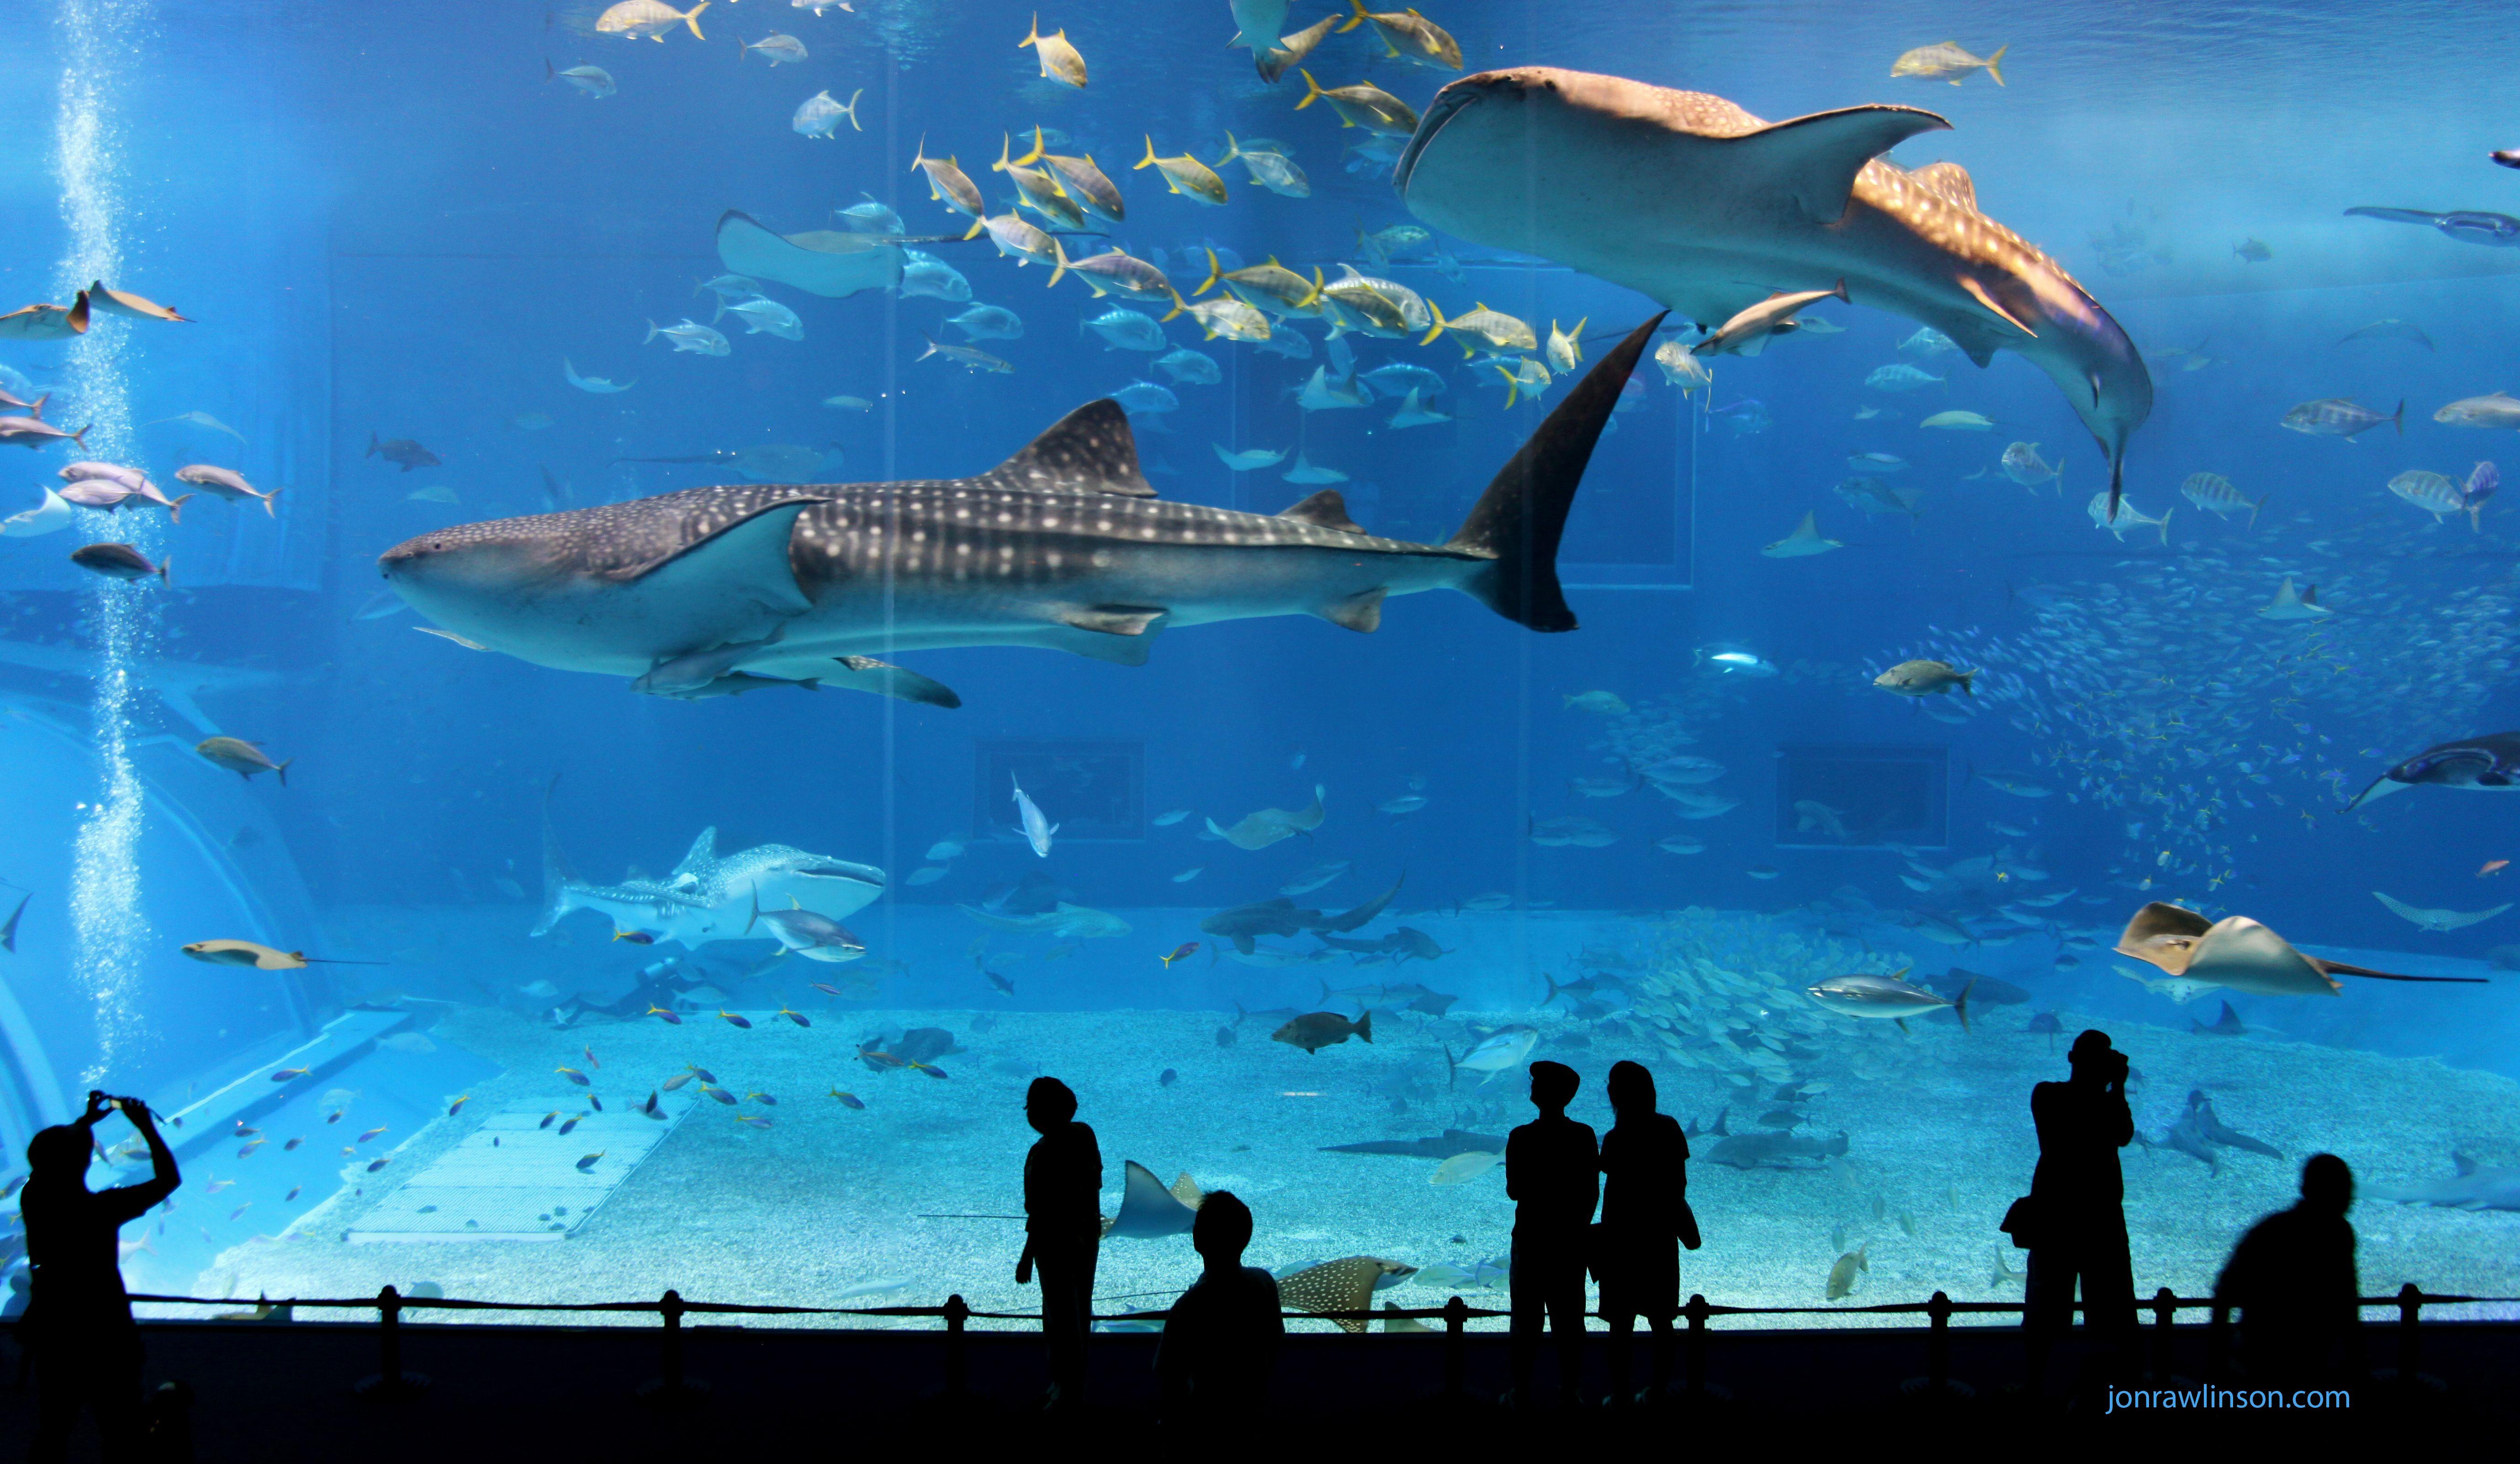 2c8bd1aafa54135dc818eff94e7fb940 Frais De Aquarium Osaka Concept